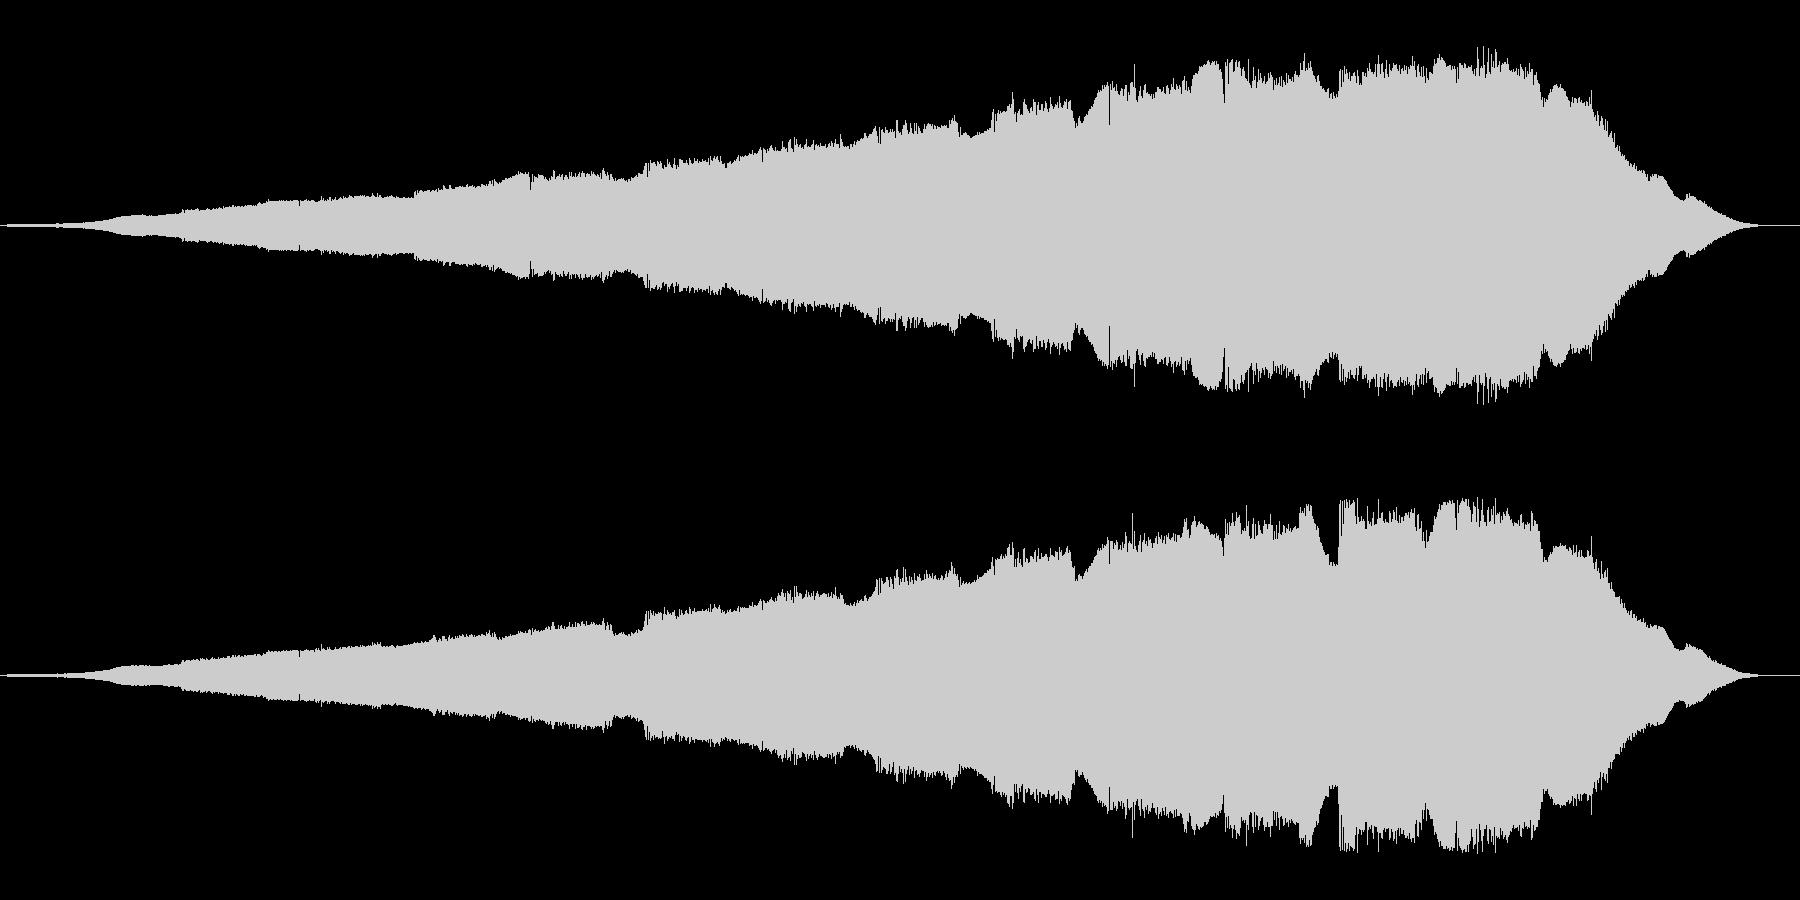 無線信号や電波の様なループした効果音の未再生の波形